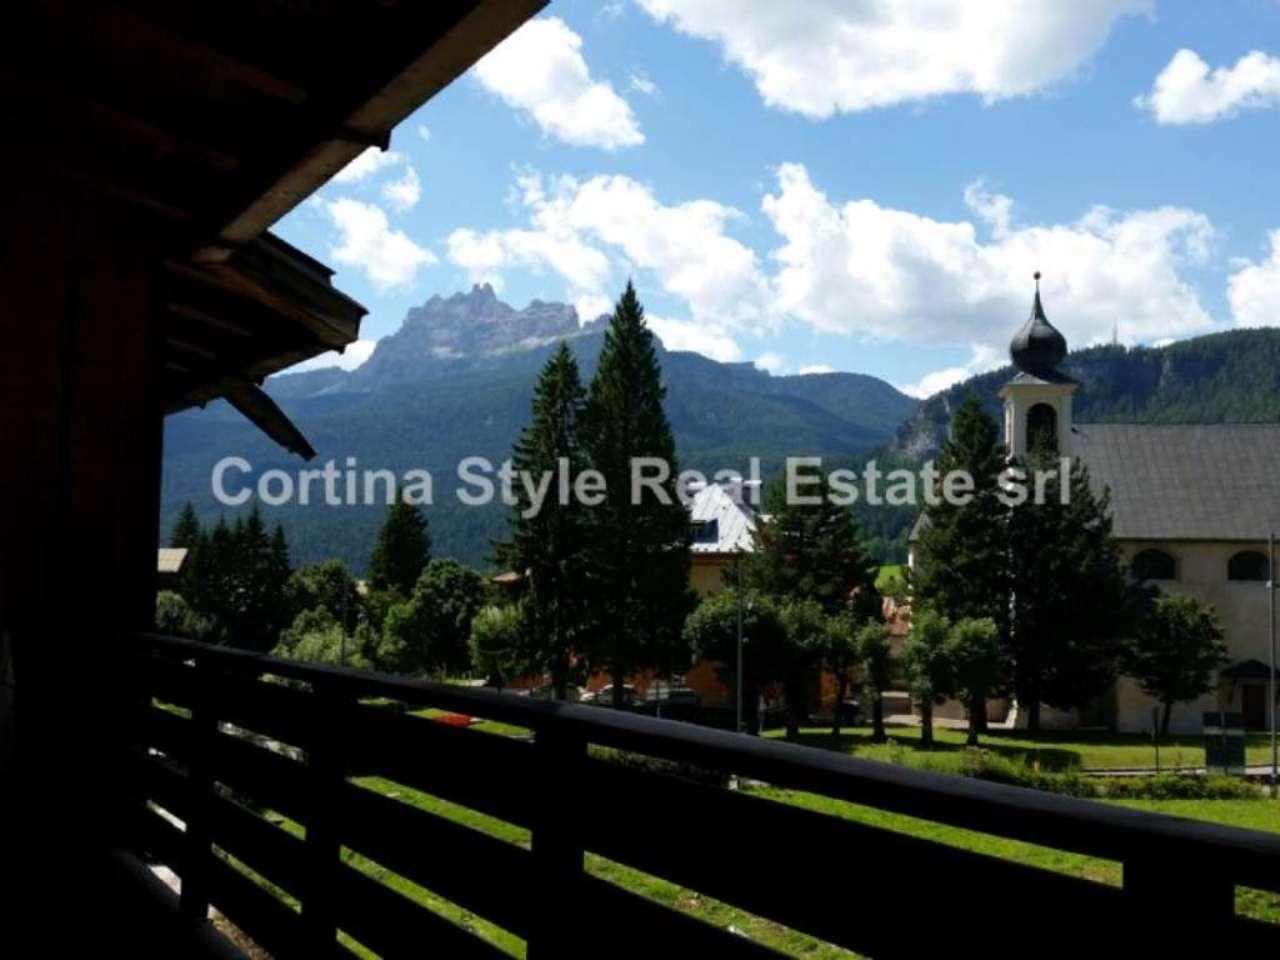 Attico / Mansarda in vendita a Cortina d'Ampezzo, 9 locali, Trattative riservate | Cambio Casa.it